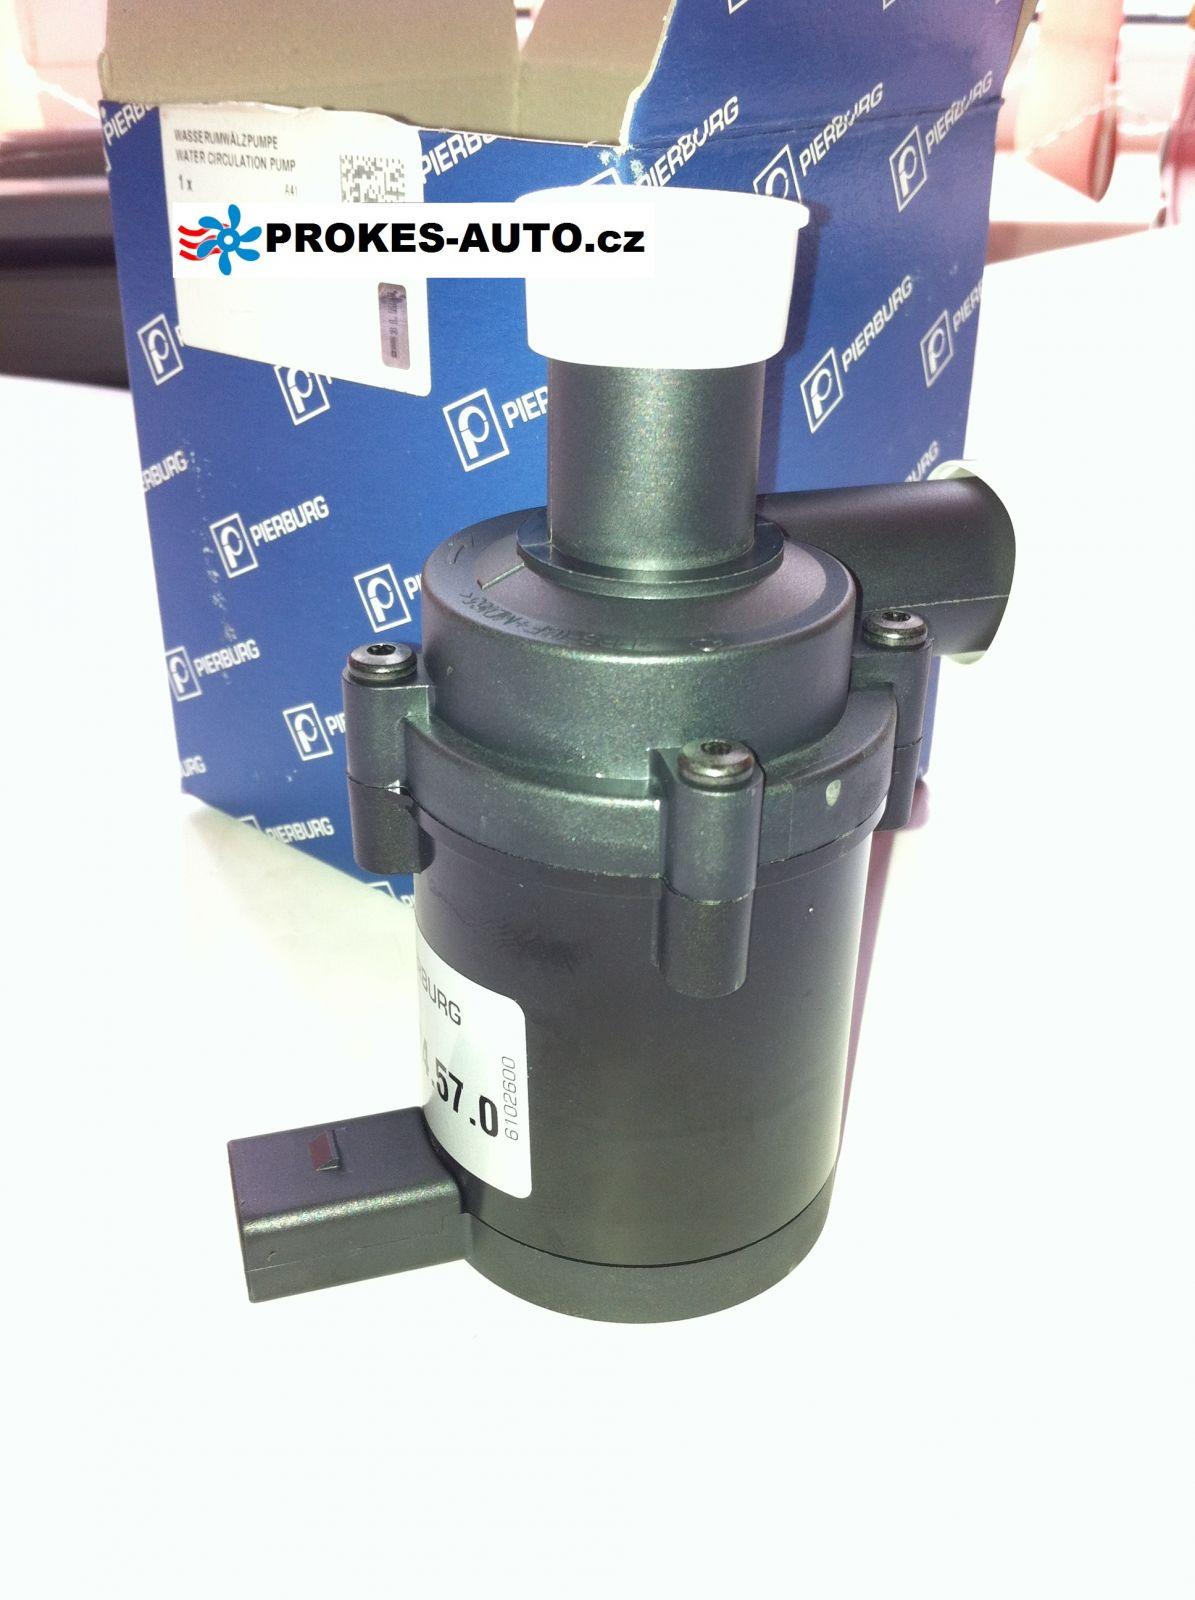 Vodní cirkulační čerpadlo PIERBURG pro nezávislé vytápění VW 7H0965561 / 1K0965561B / 7.02074.57.0